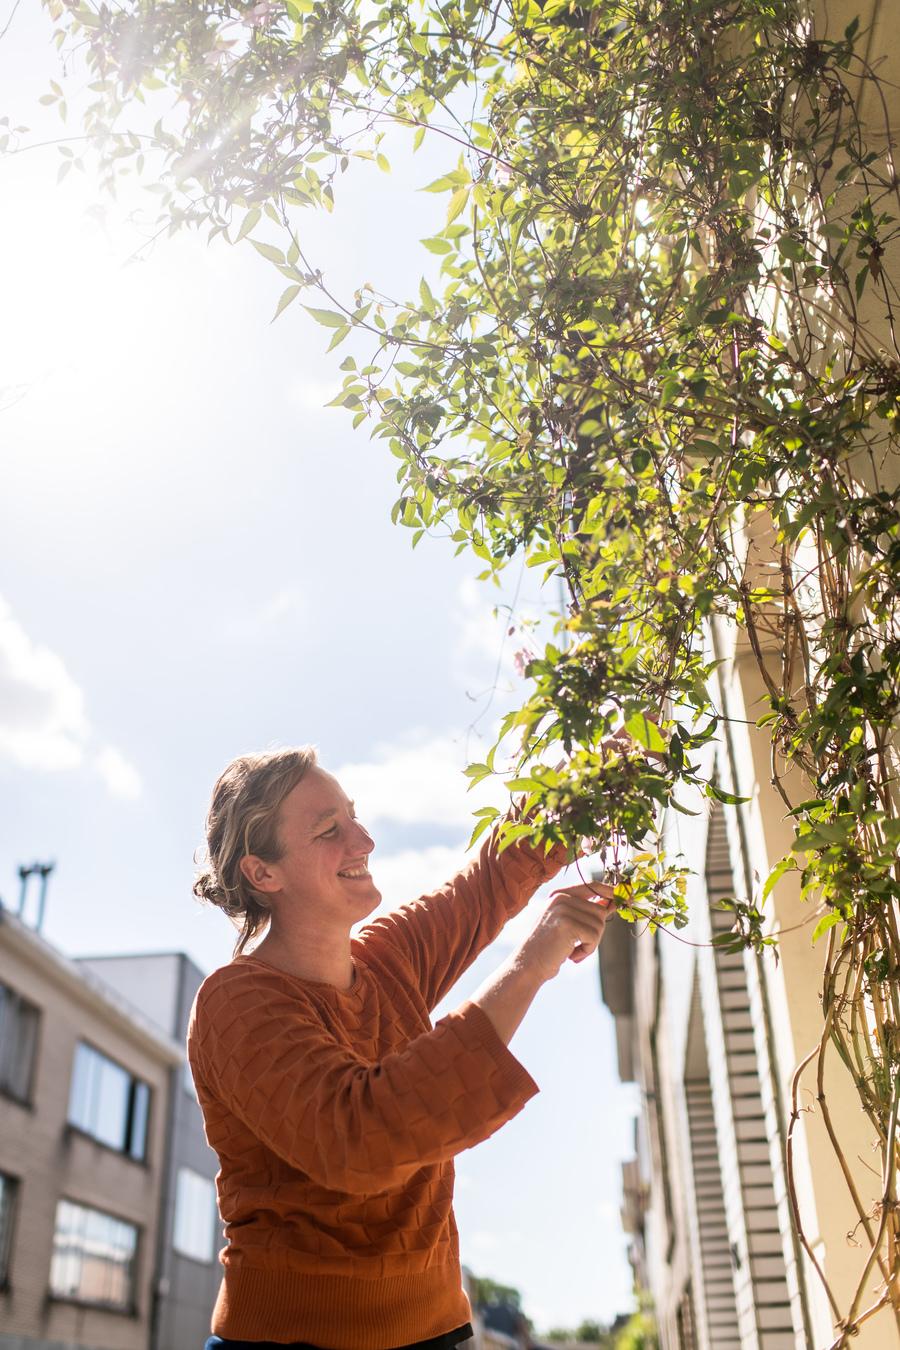 Borgerhoutenaar Greetje verzorgt haar groenslinger